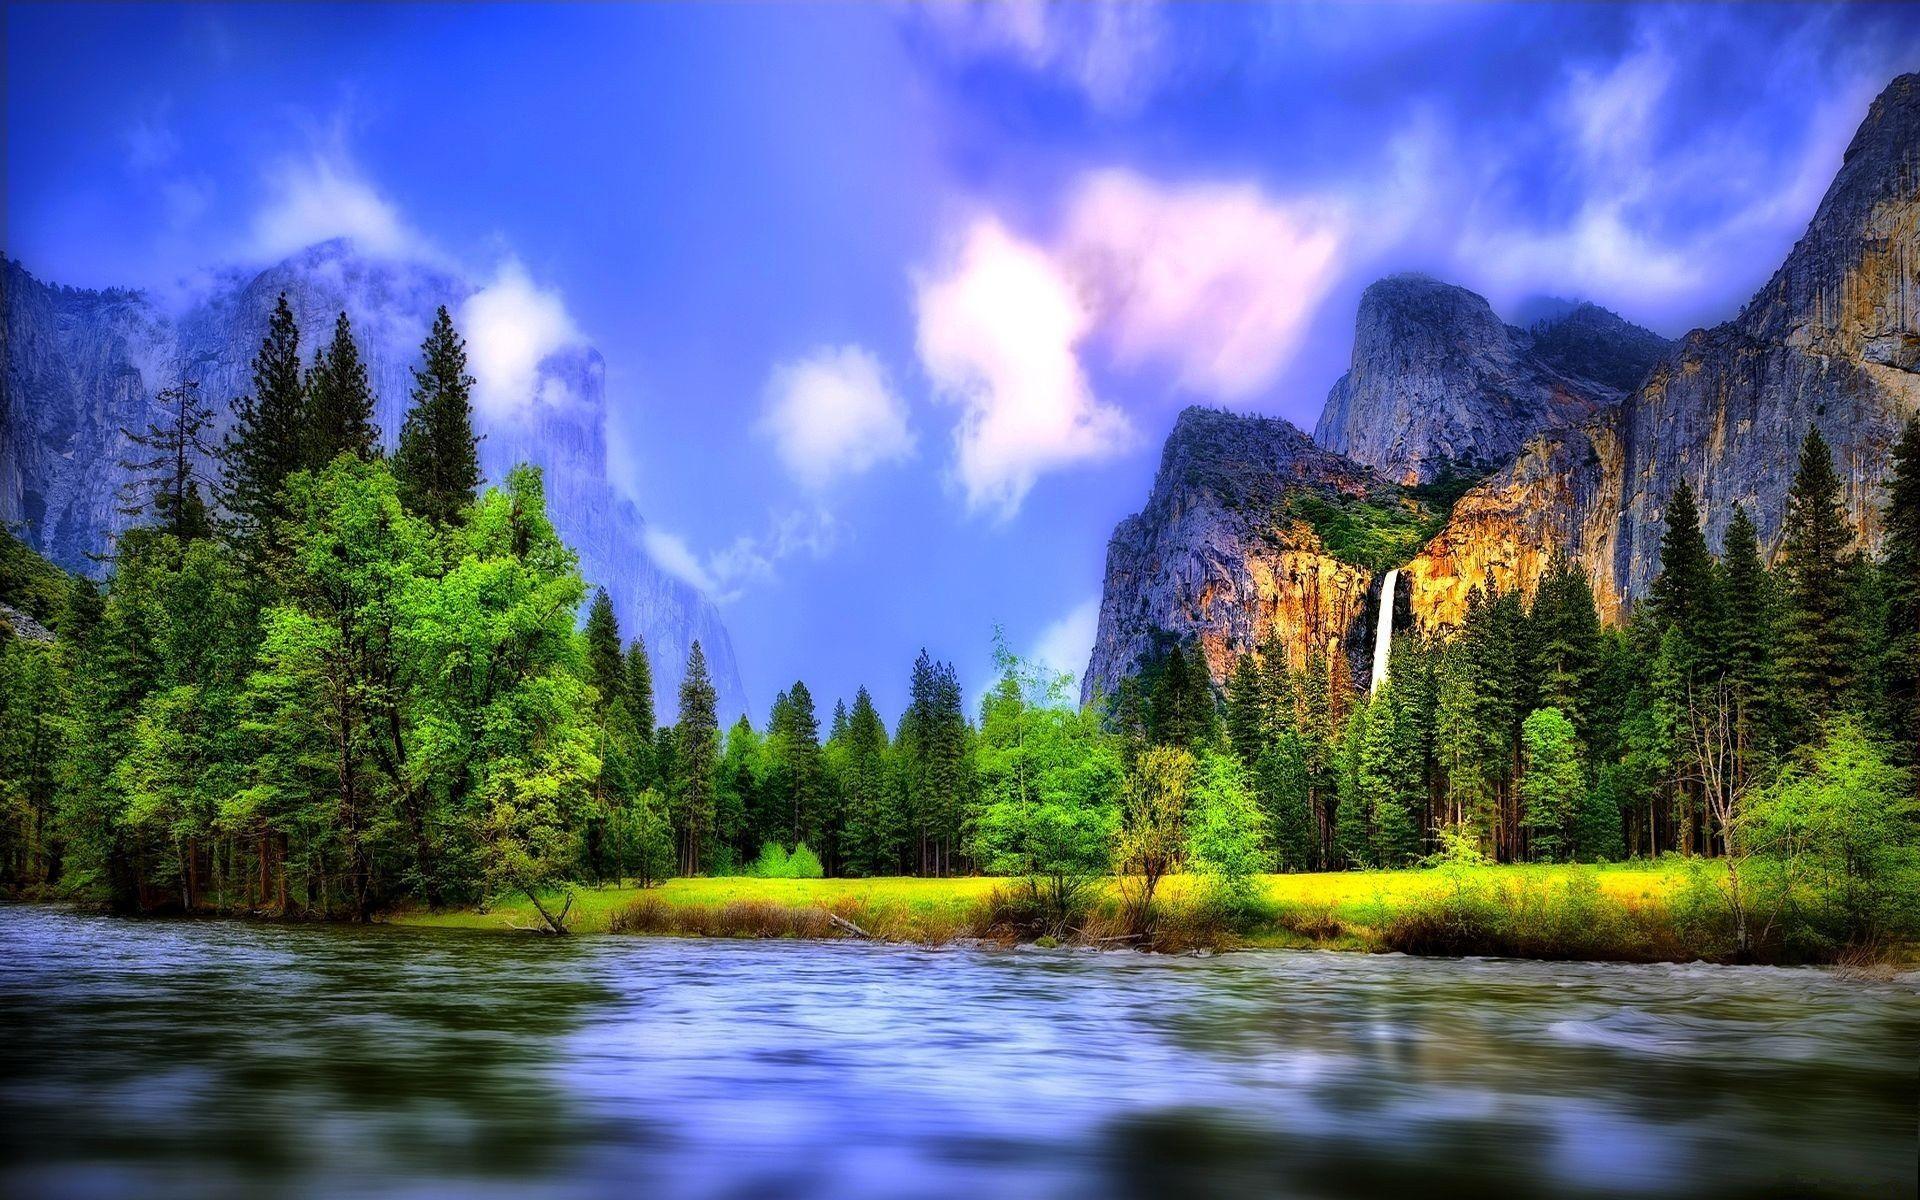 Beau Paysages Pourfont D Ecran Ehhd: Beau Paysage, Rivière, Forêt, Cascades, Montagnes Fonds D